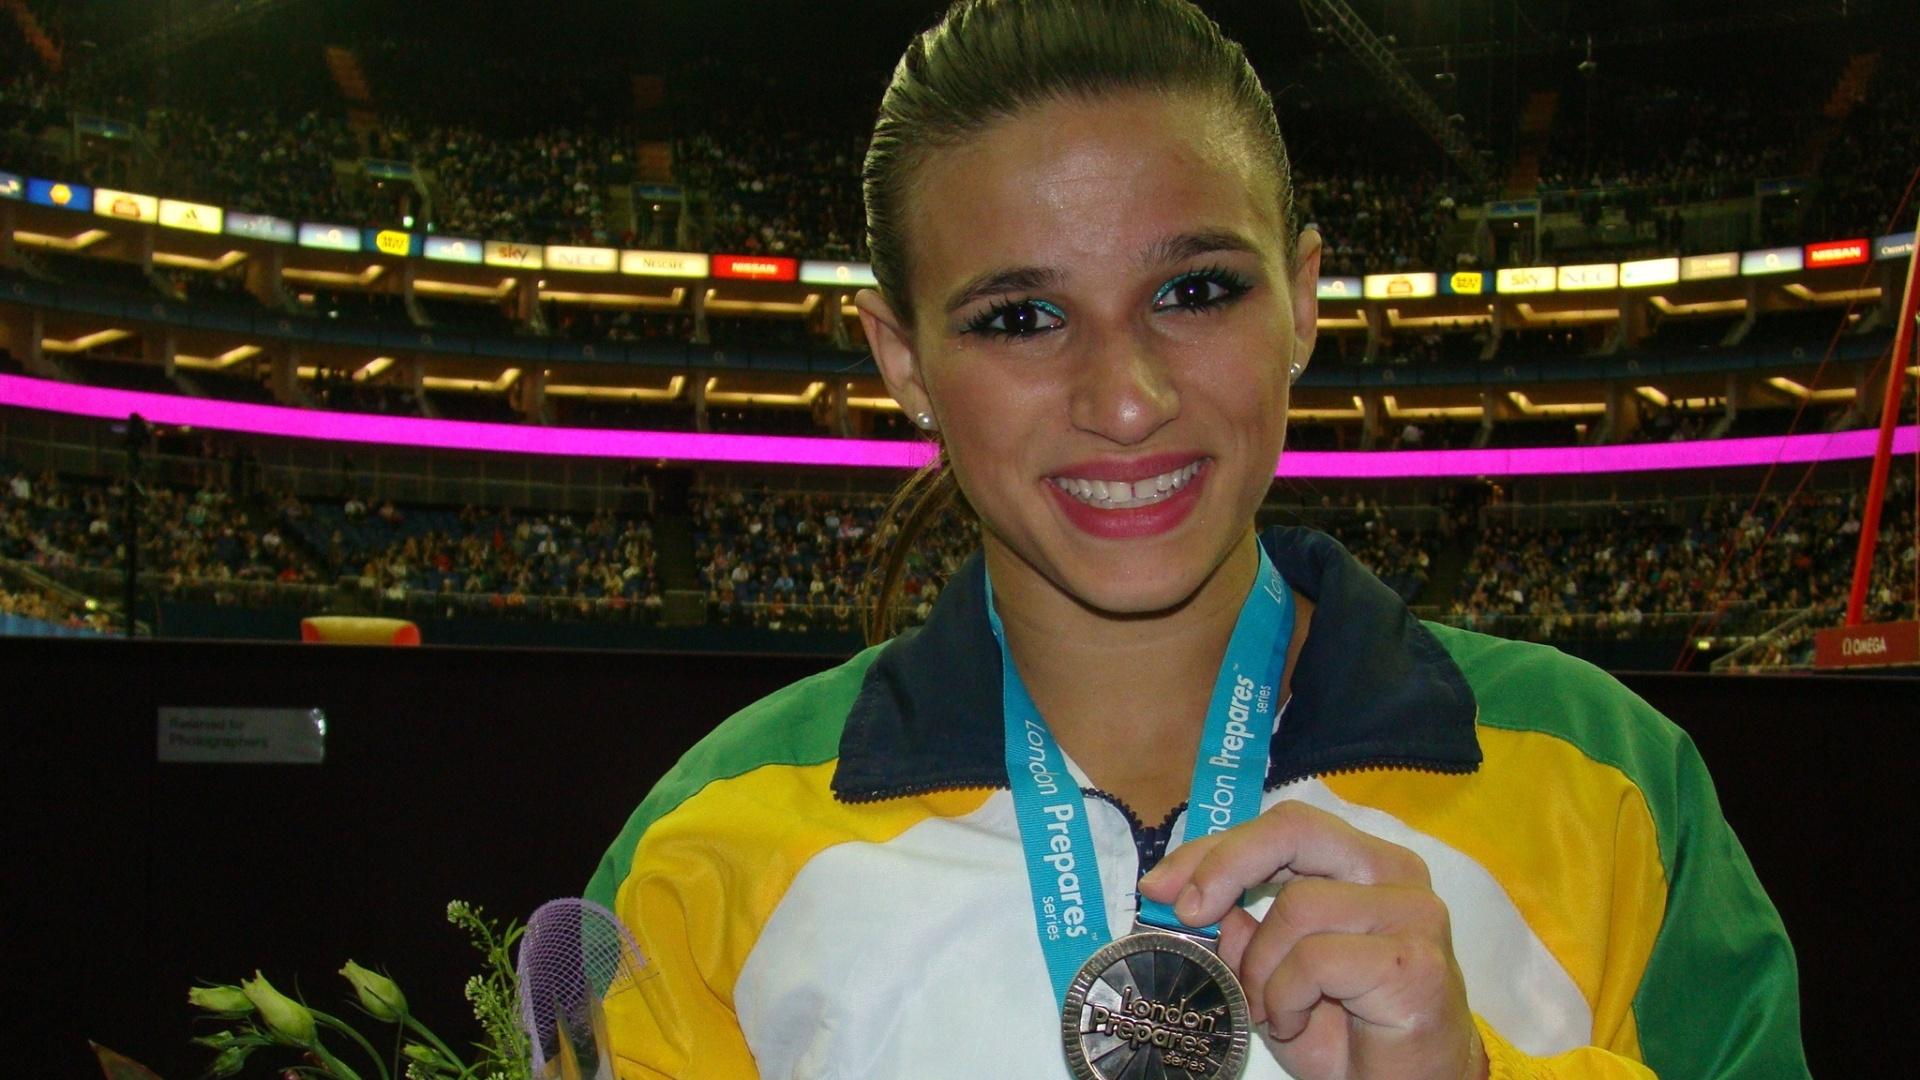 Jade Barbosa mostra o ouro conquistado no Pré-Olímpico de ginástica (12/01/2012)